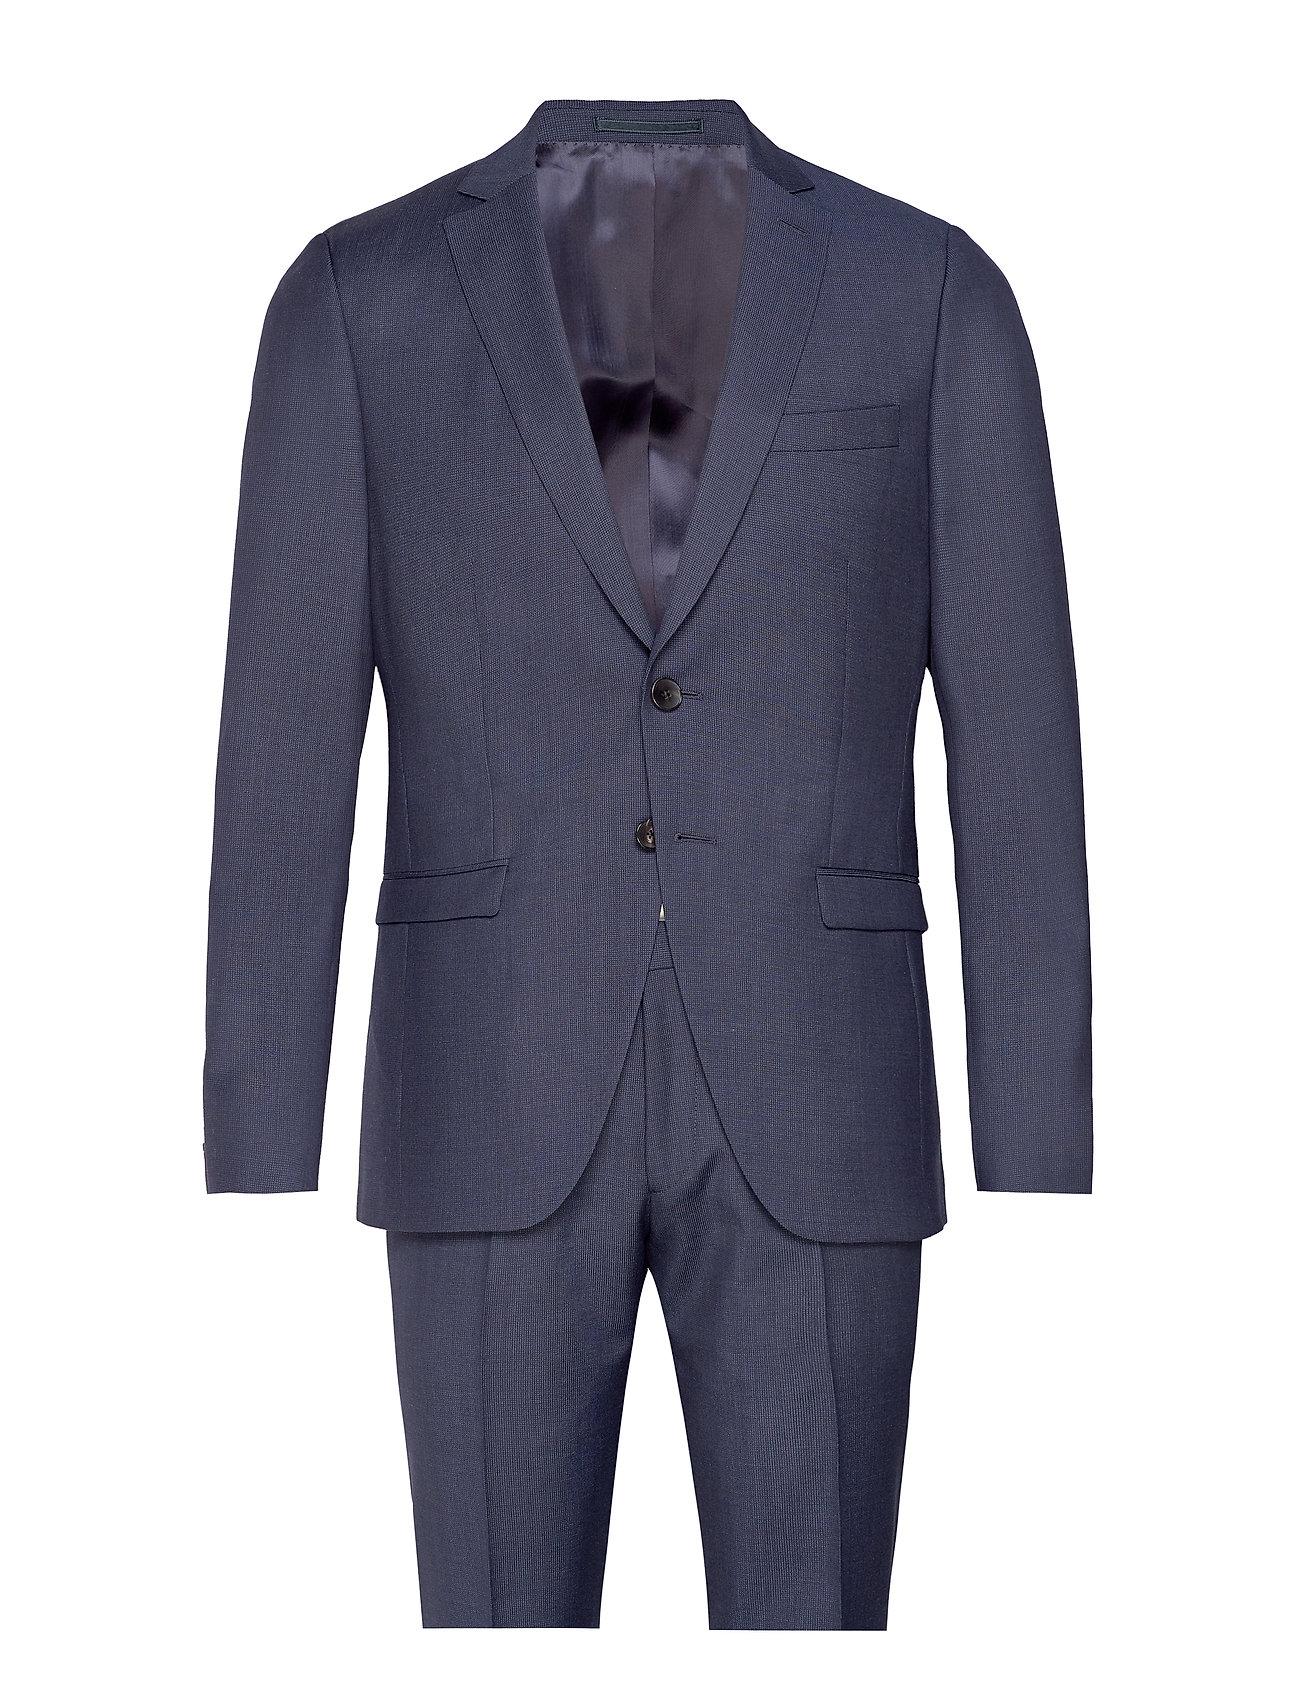 BOSS Business Wear Reymond/Wenten - DARK BLUE